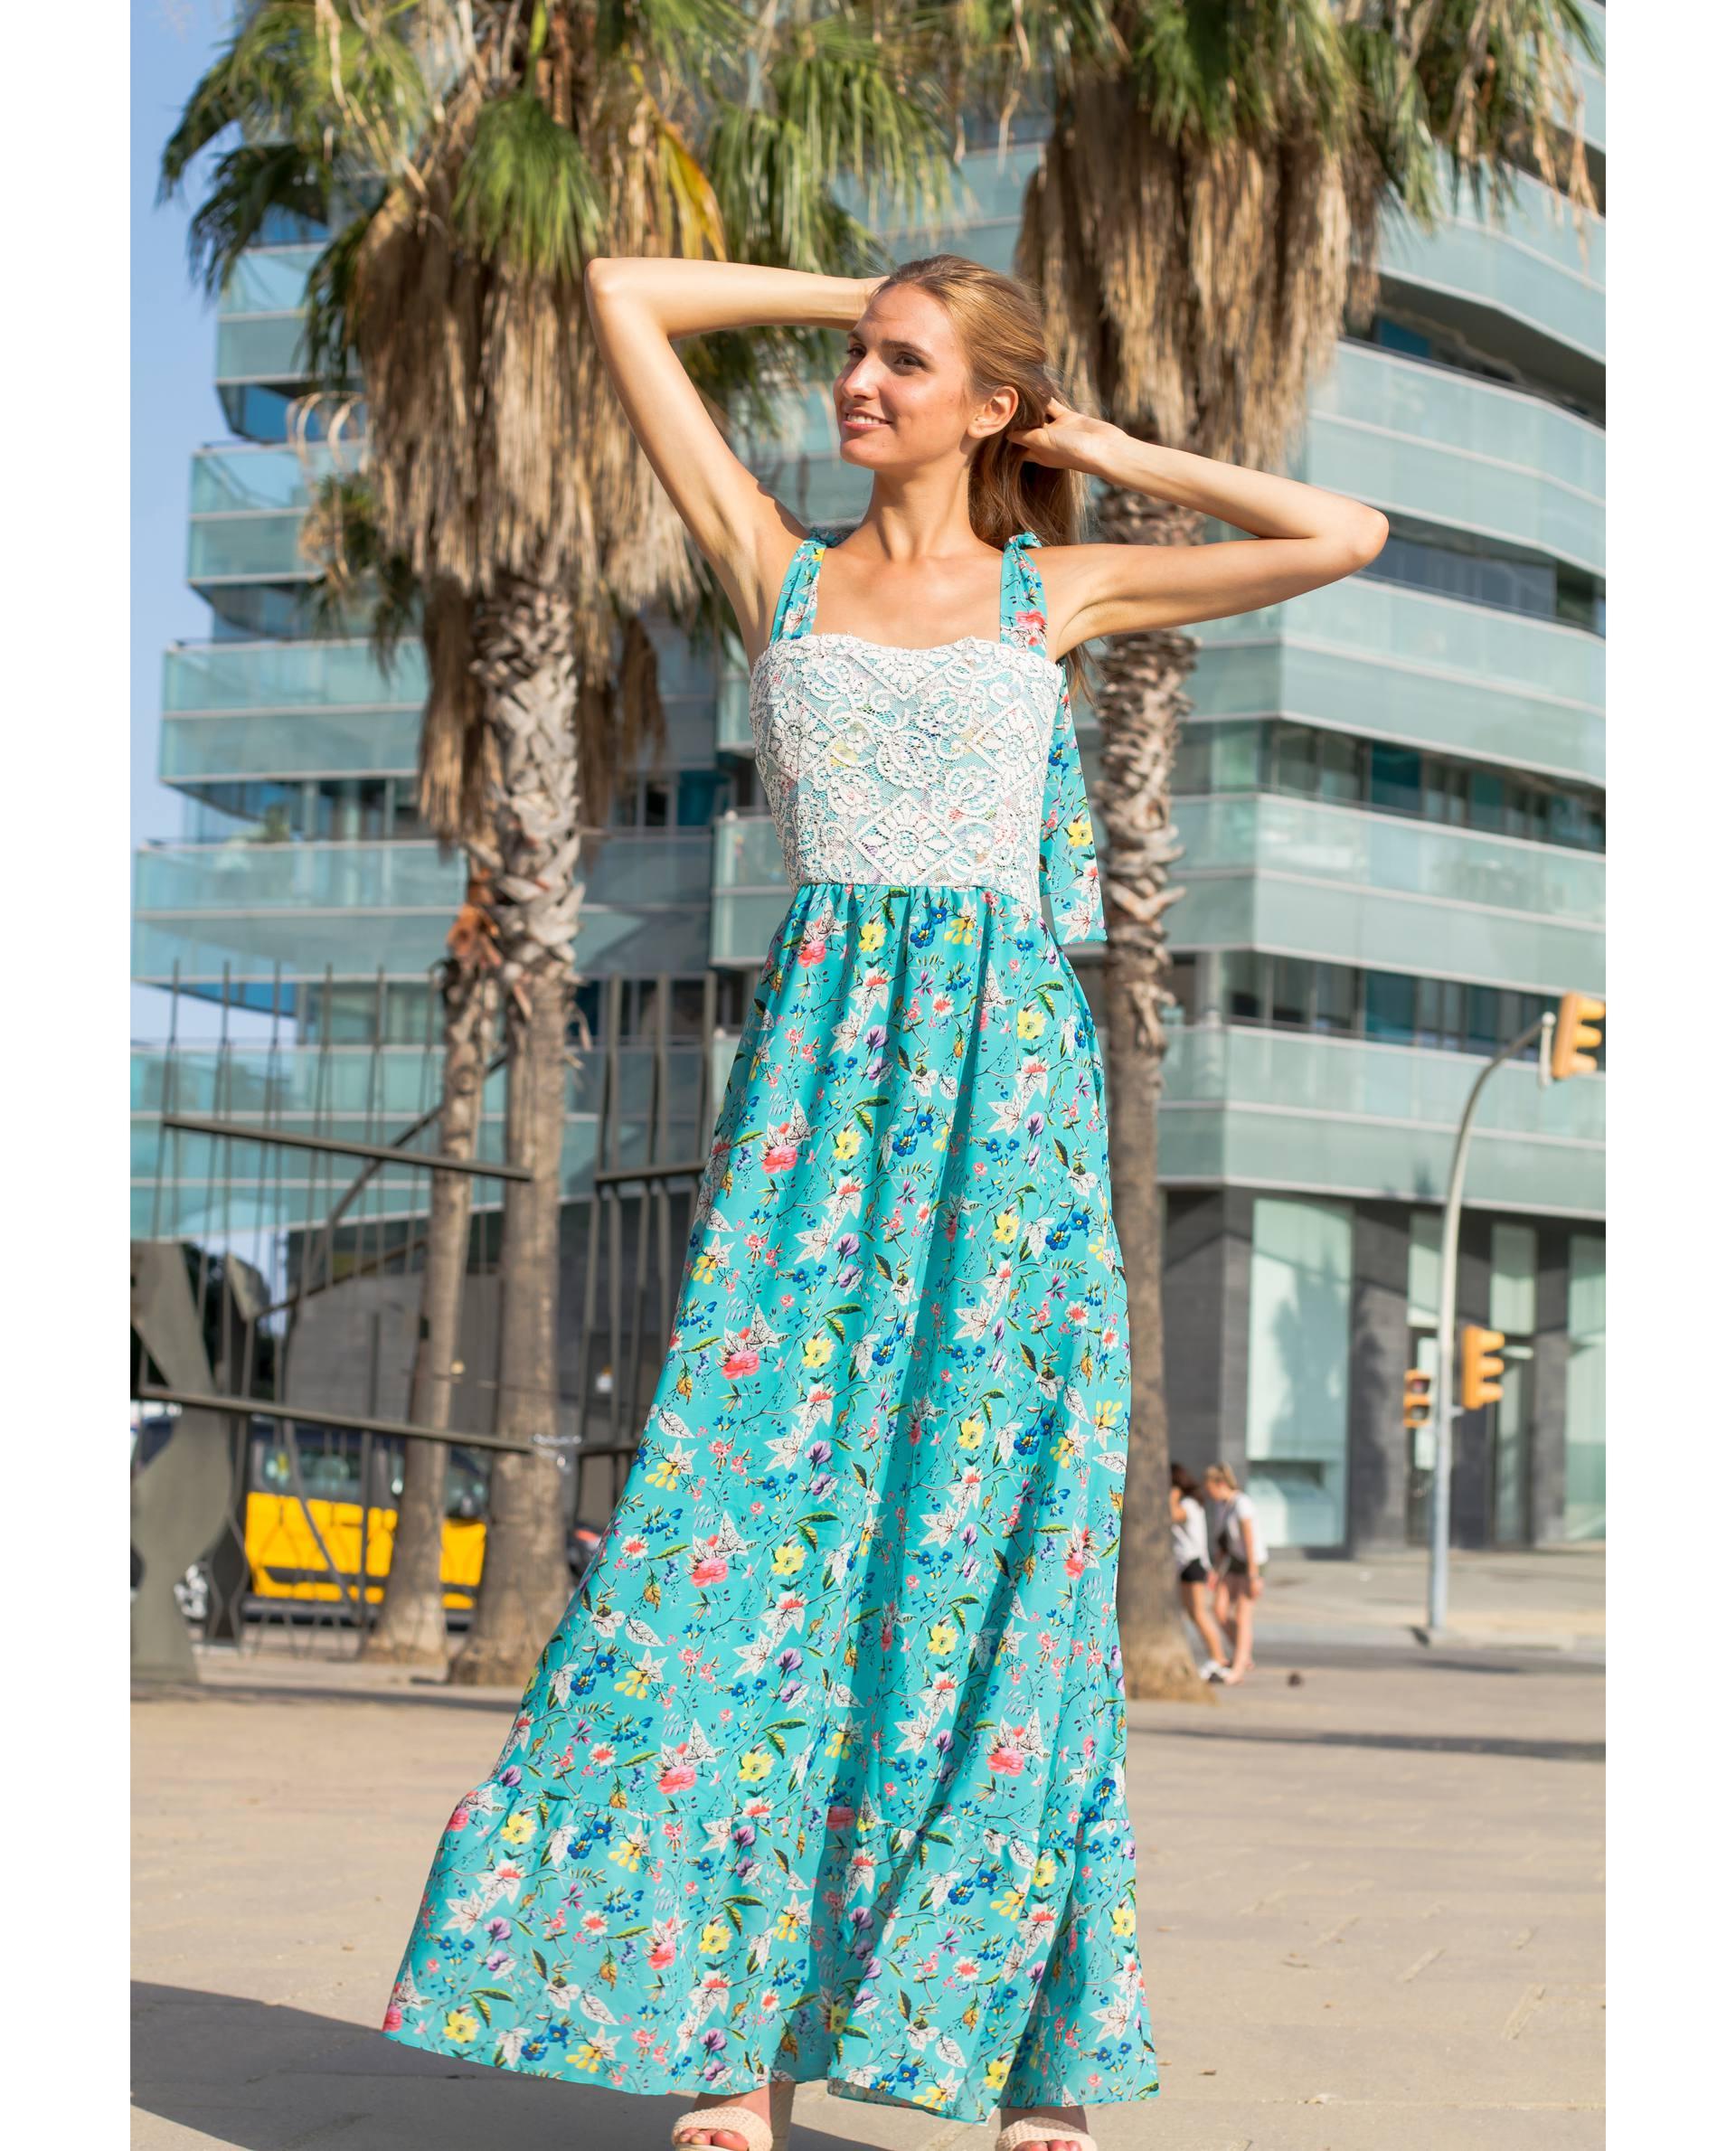 PRÊT À PORTER-SPRING/SUMMER 2018 - VESTIDOS - Maxi vestido Santorini de georgette con estampado floral